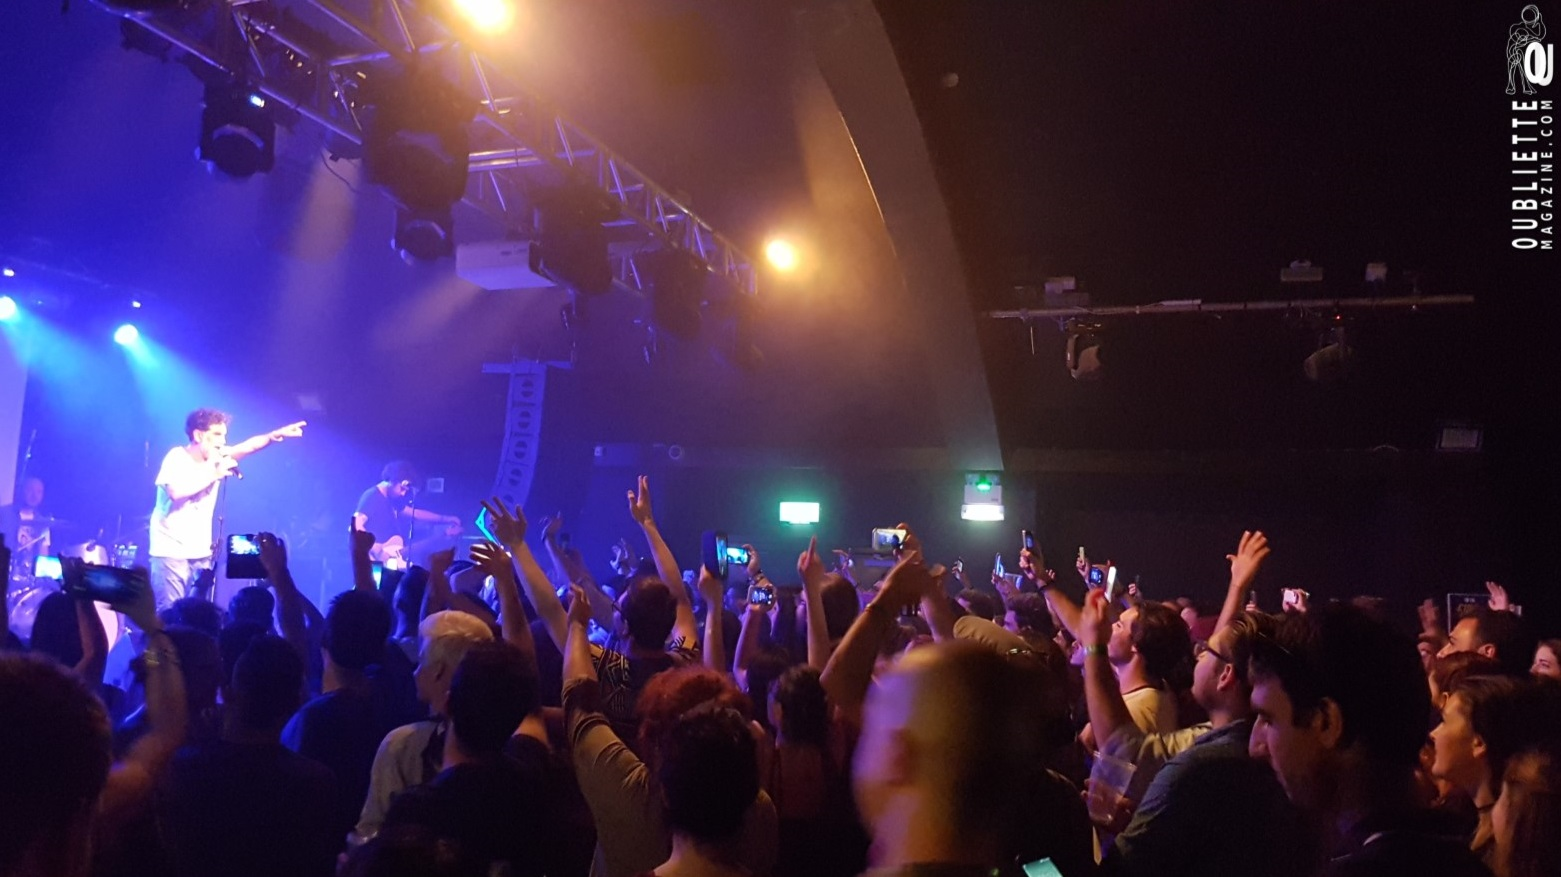 """""""Sicilian Mood"""": l'evento che ha portato musica, stile e cultura della Sicilia nella capitale inglese, Londra"""